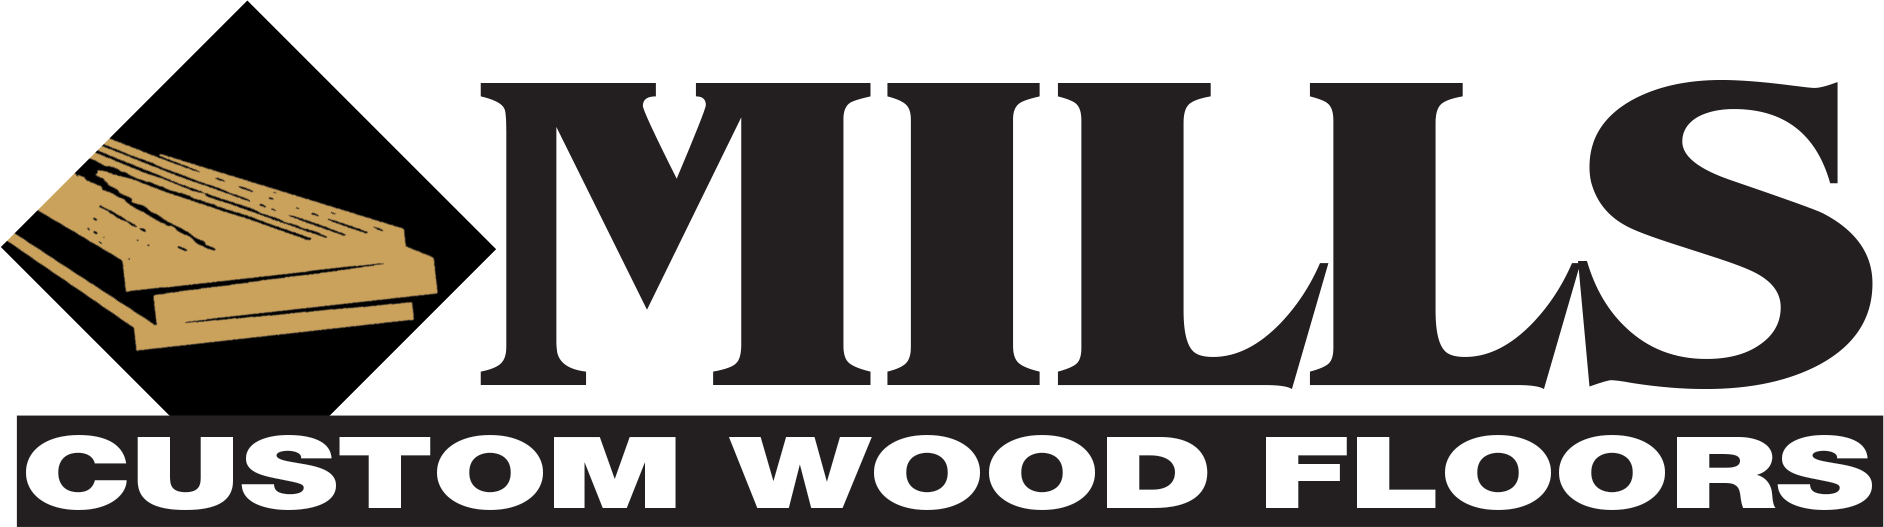 MIlls Custom Wood Floors